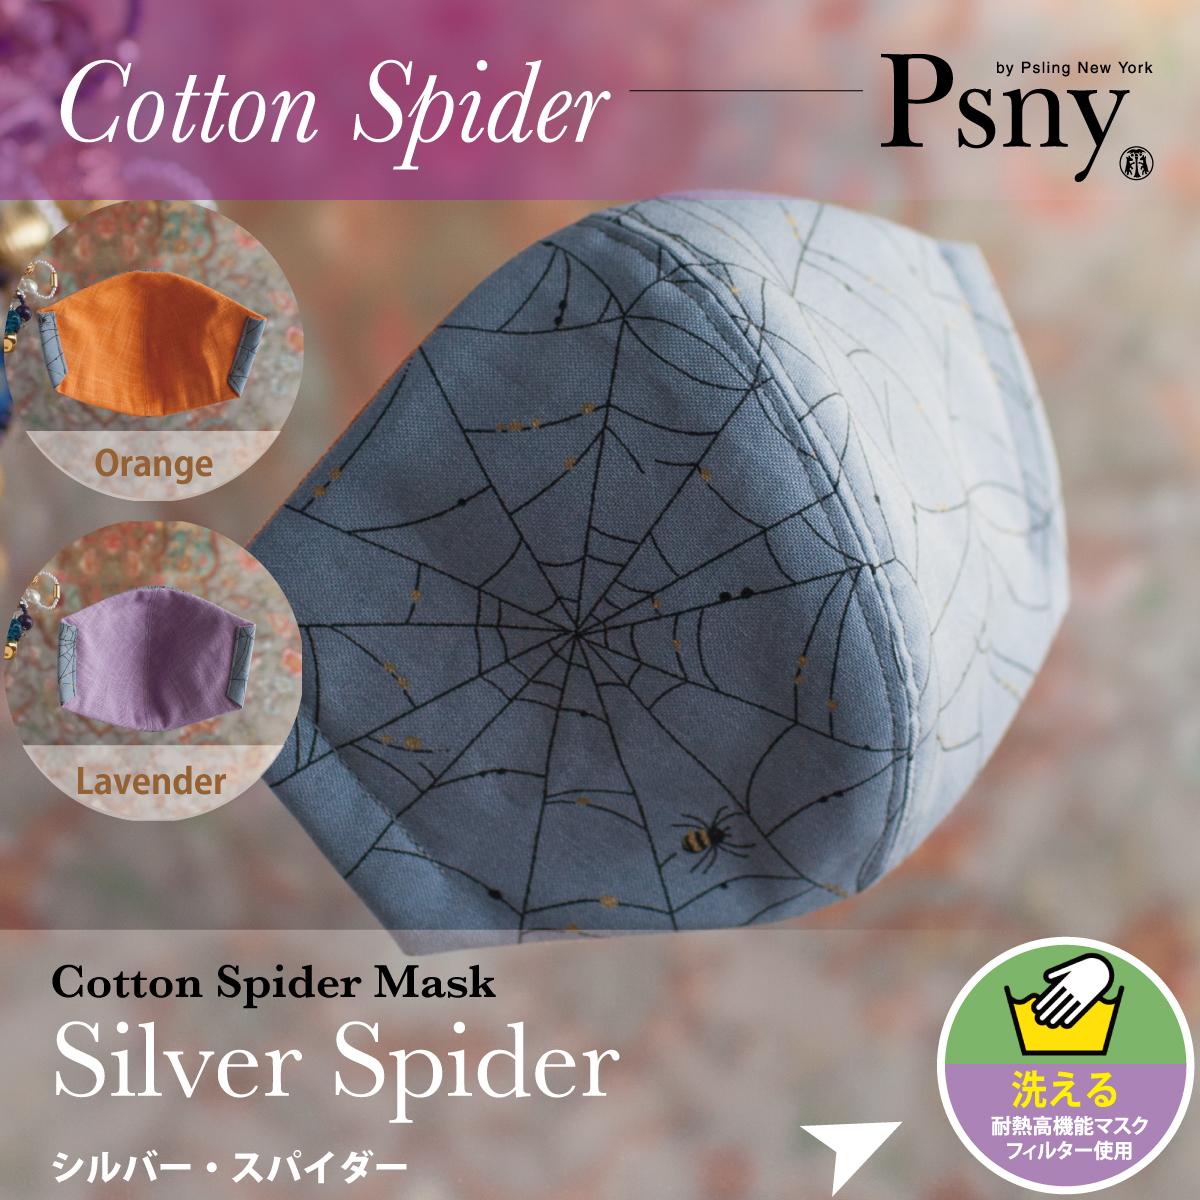 PSNY コットンスパイダー・シルバーブルー 花粉 黄砂 洗えるフィルター入り 立体 マスク 大人用 送料無料